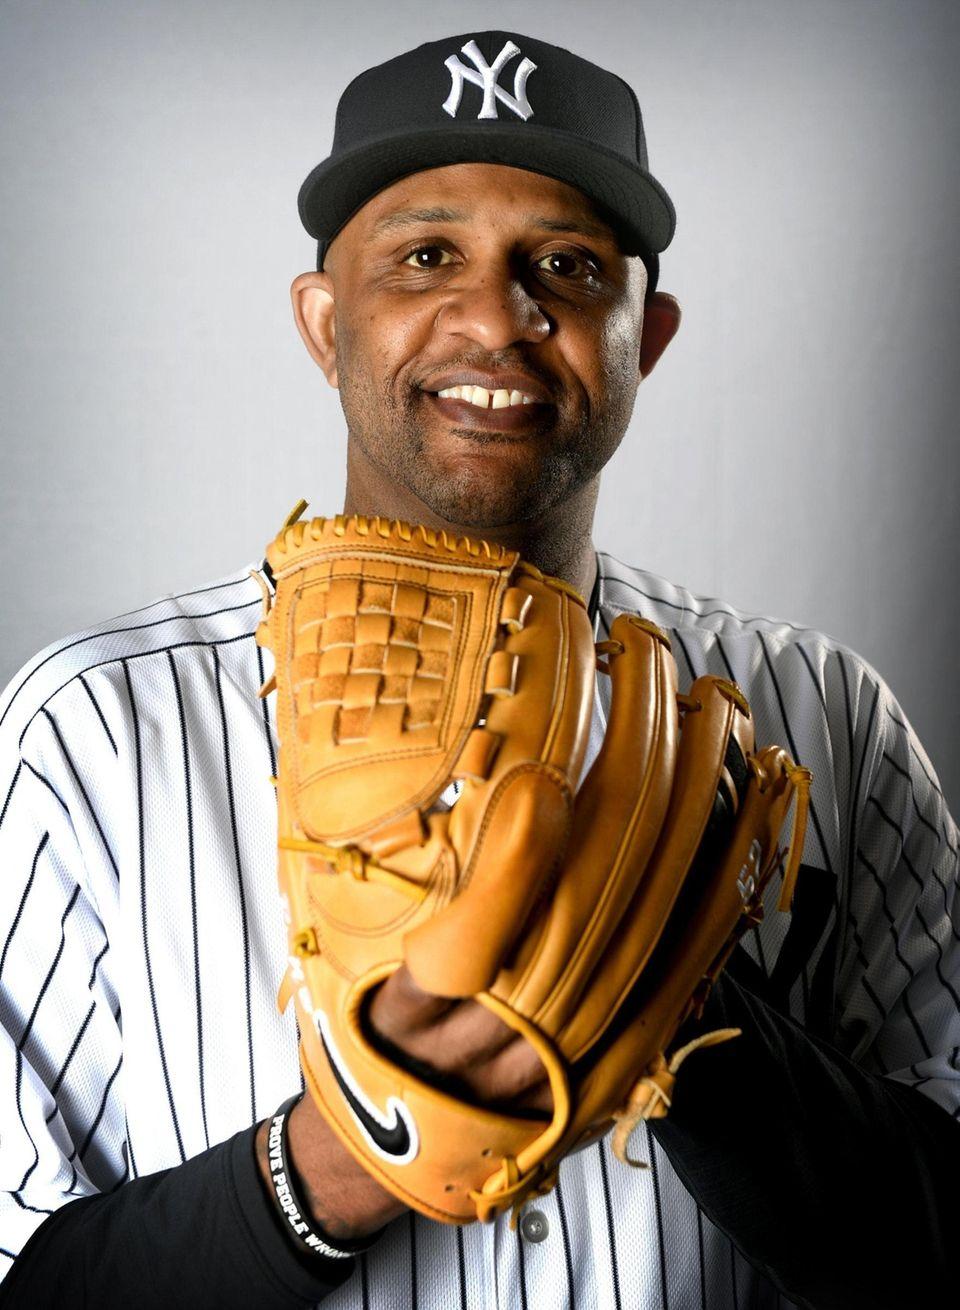 New York Yankees C.C. Sabathia during Spring Training